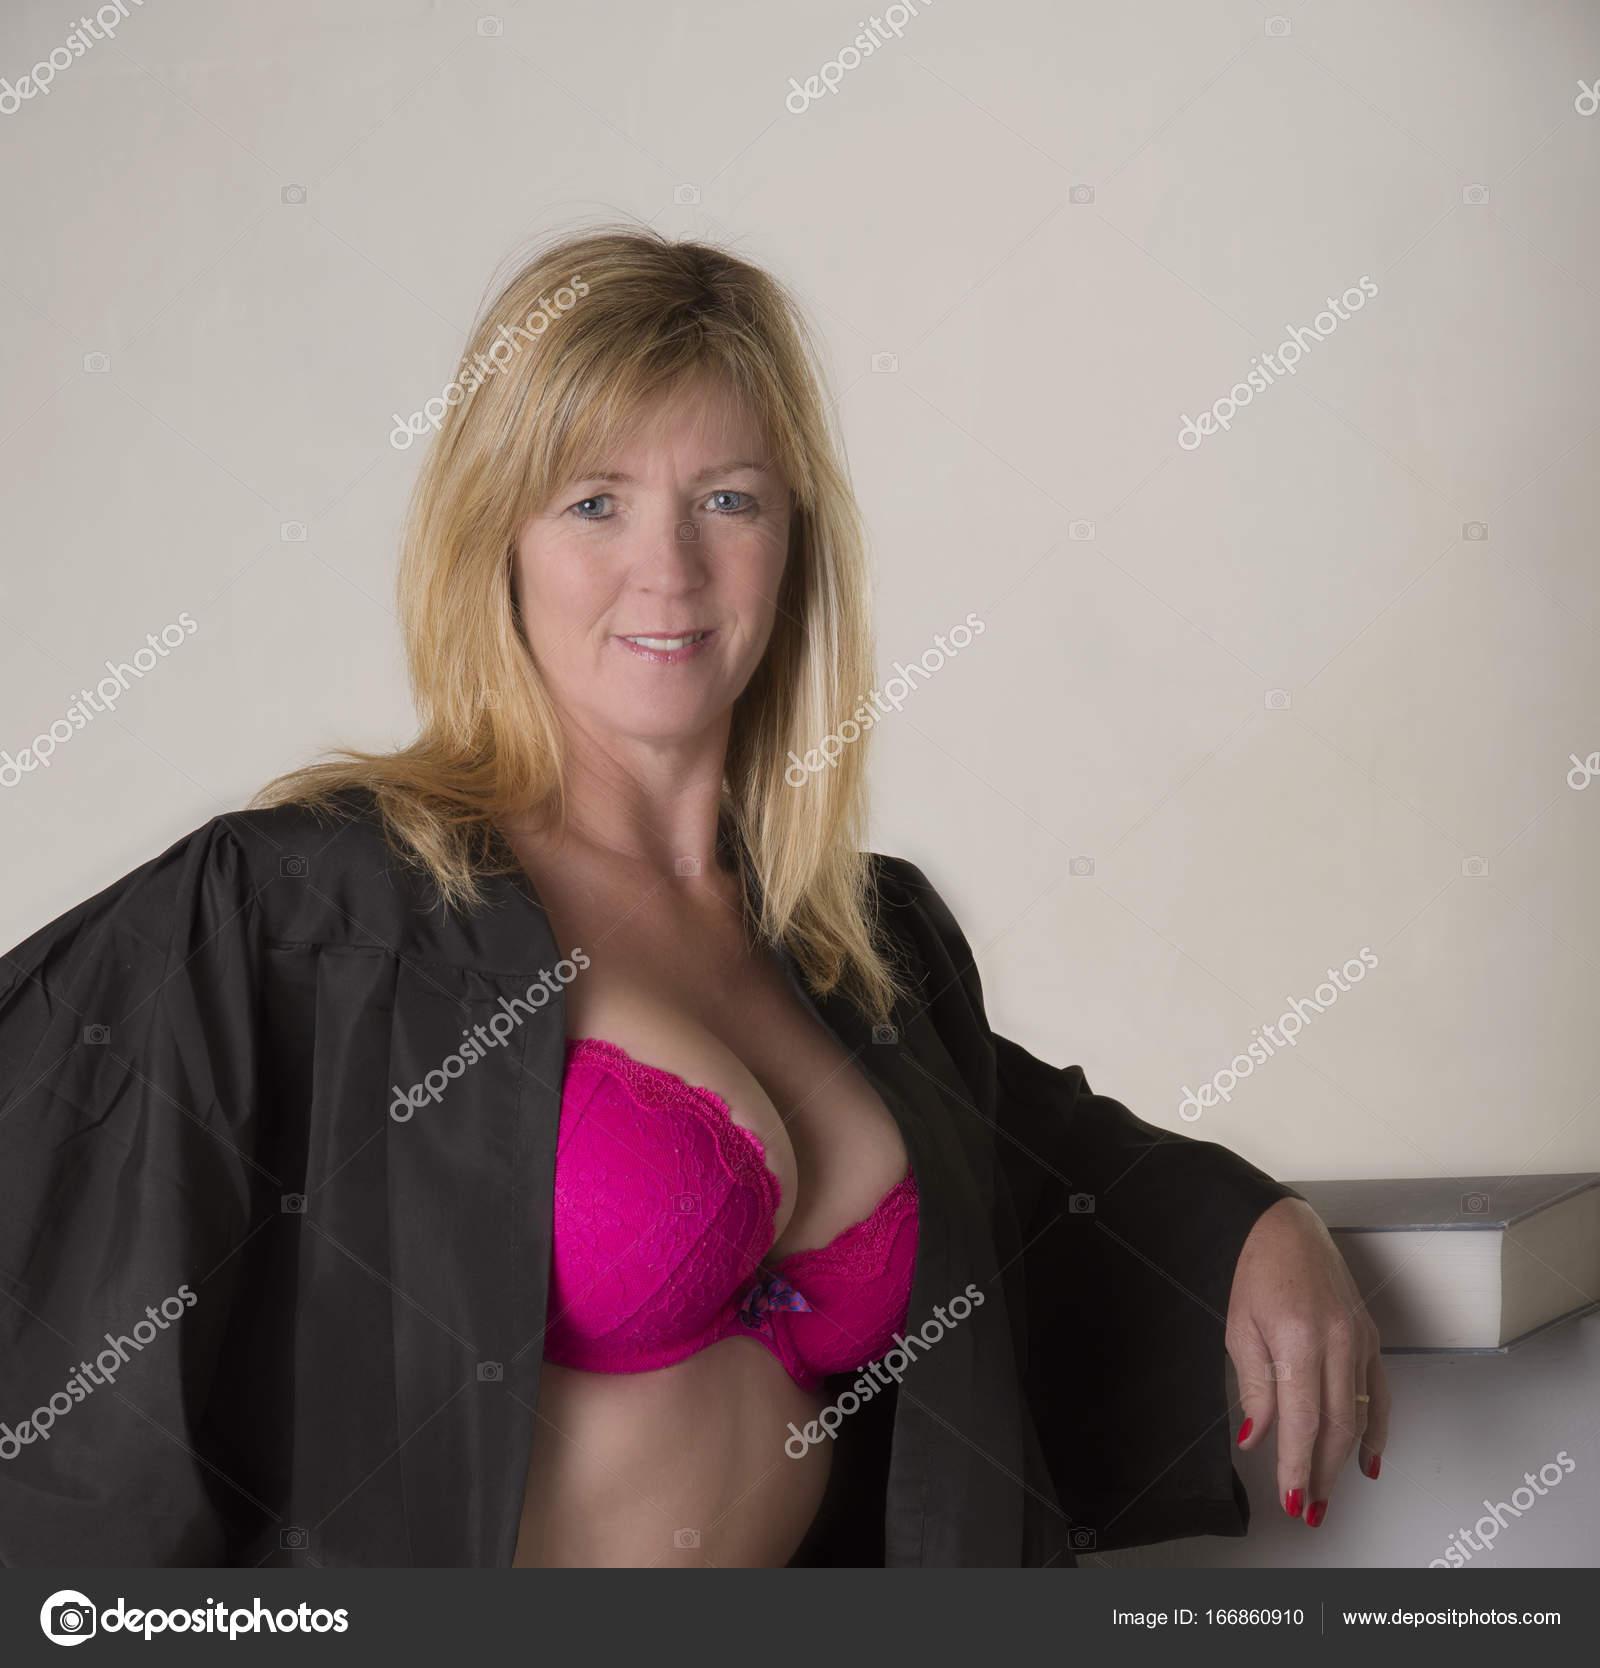 Έμμυ Ρόσουμ σεξ βίντεο